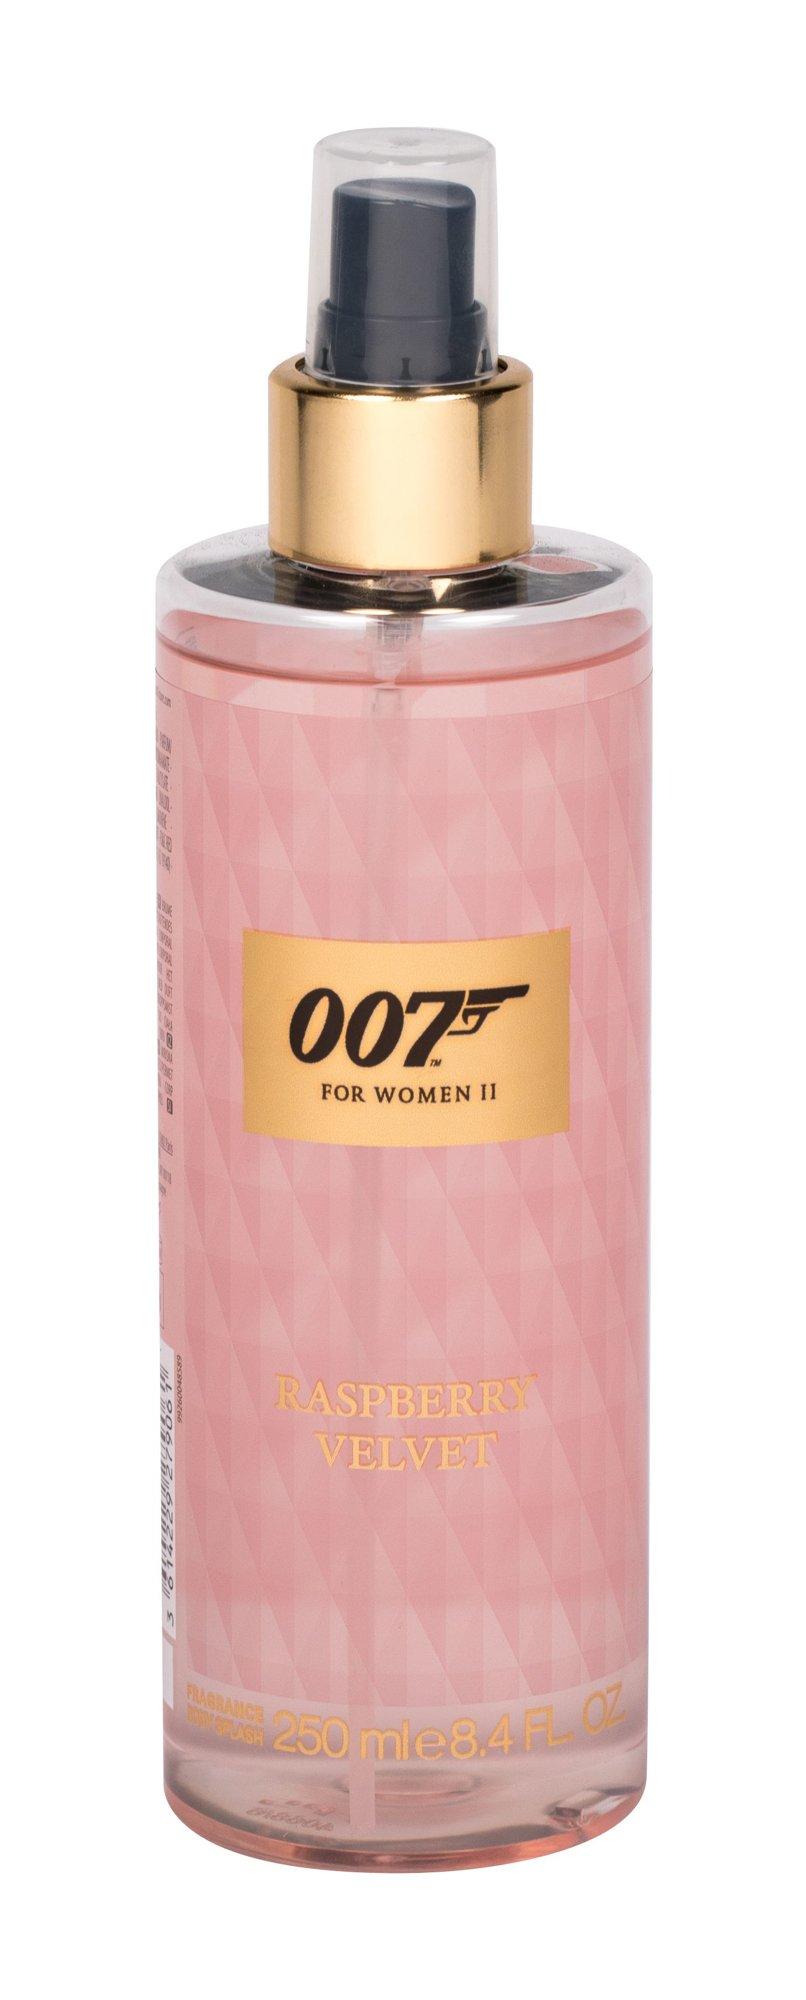 James Bond 007 James Bond 007 Body Spray 250ml